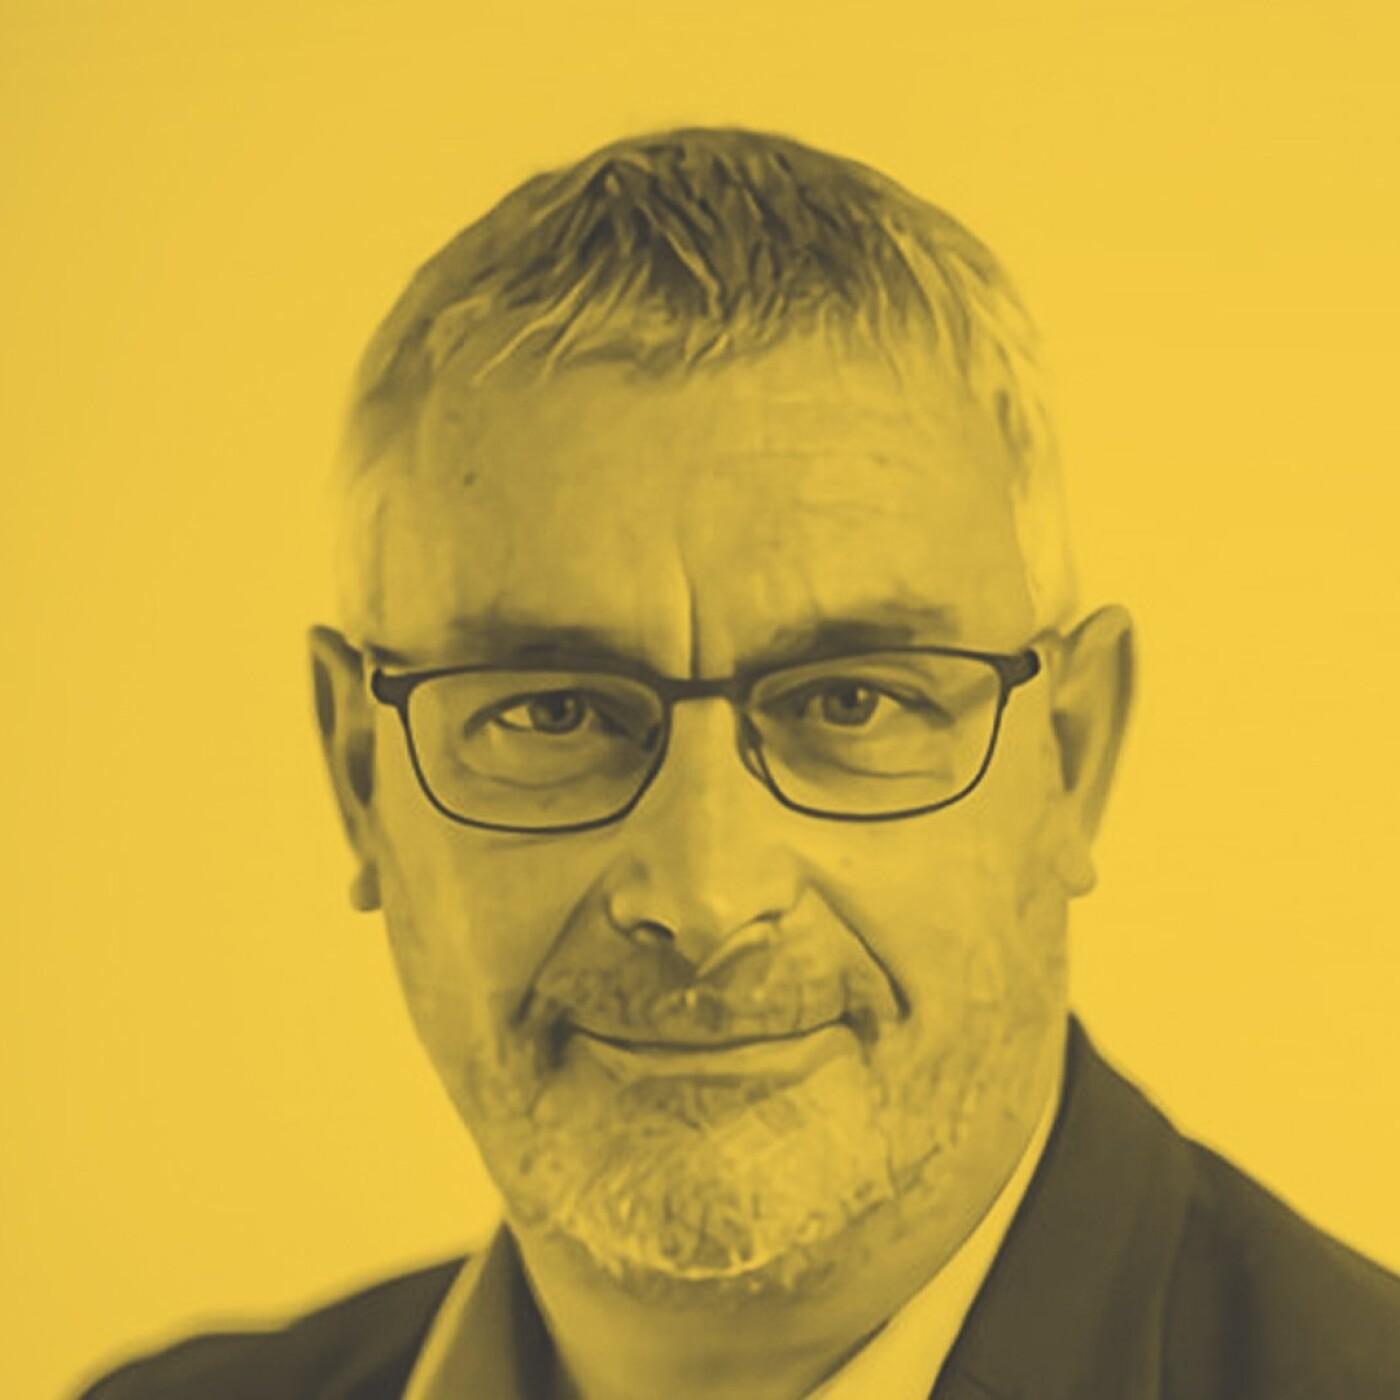 #23 - Alain Têtedoie, Président Directeur Général de la Fraiseraie